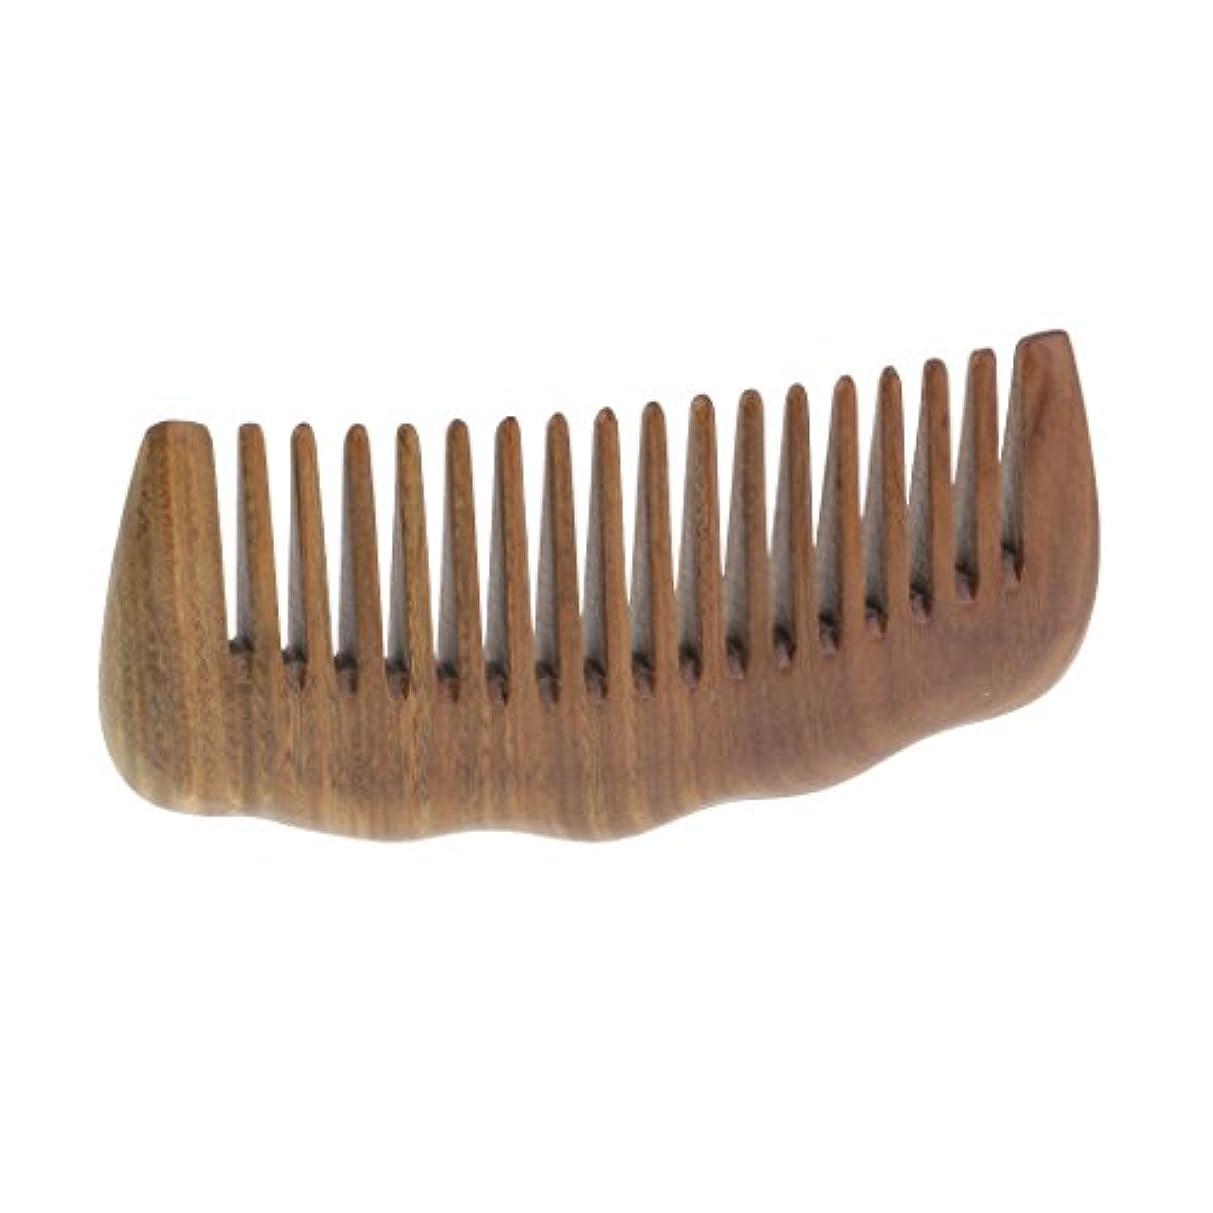 インシュレータビクター請う広い歯の櫛のサンダルウッドのアロママッサージの毛のもつれを解くブラシのひげの櫛